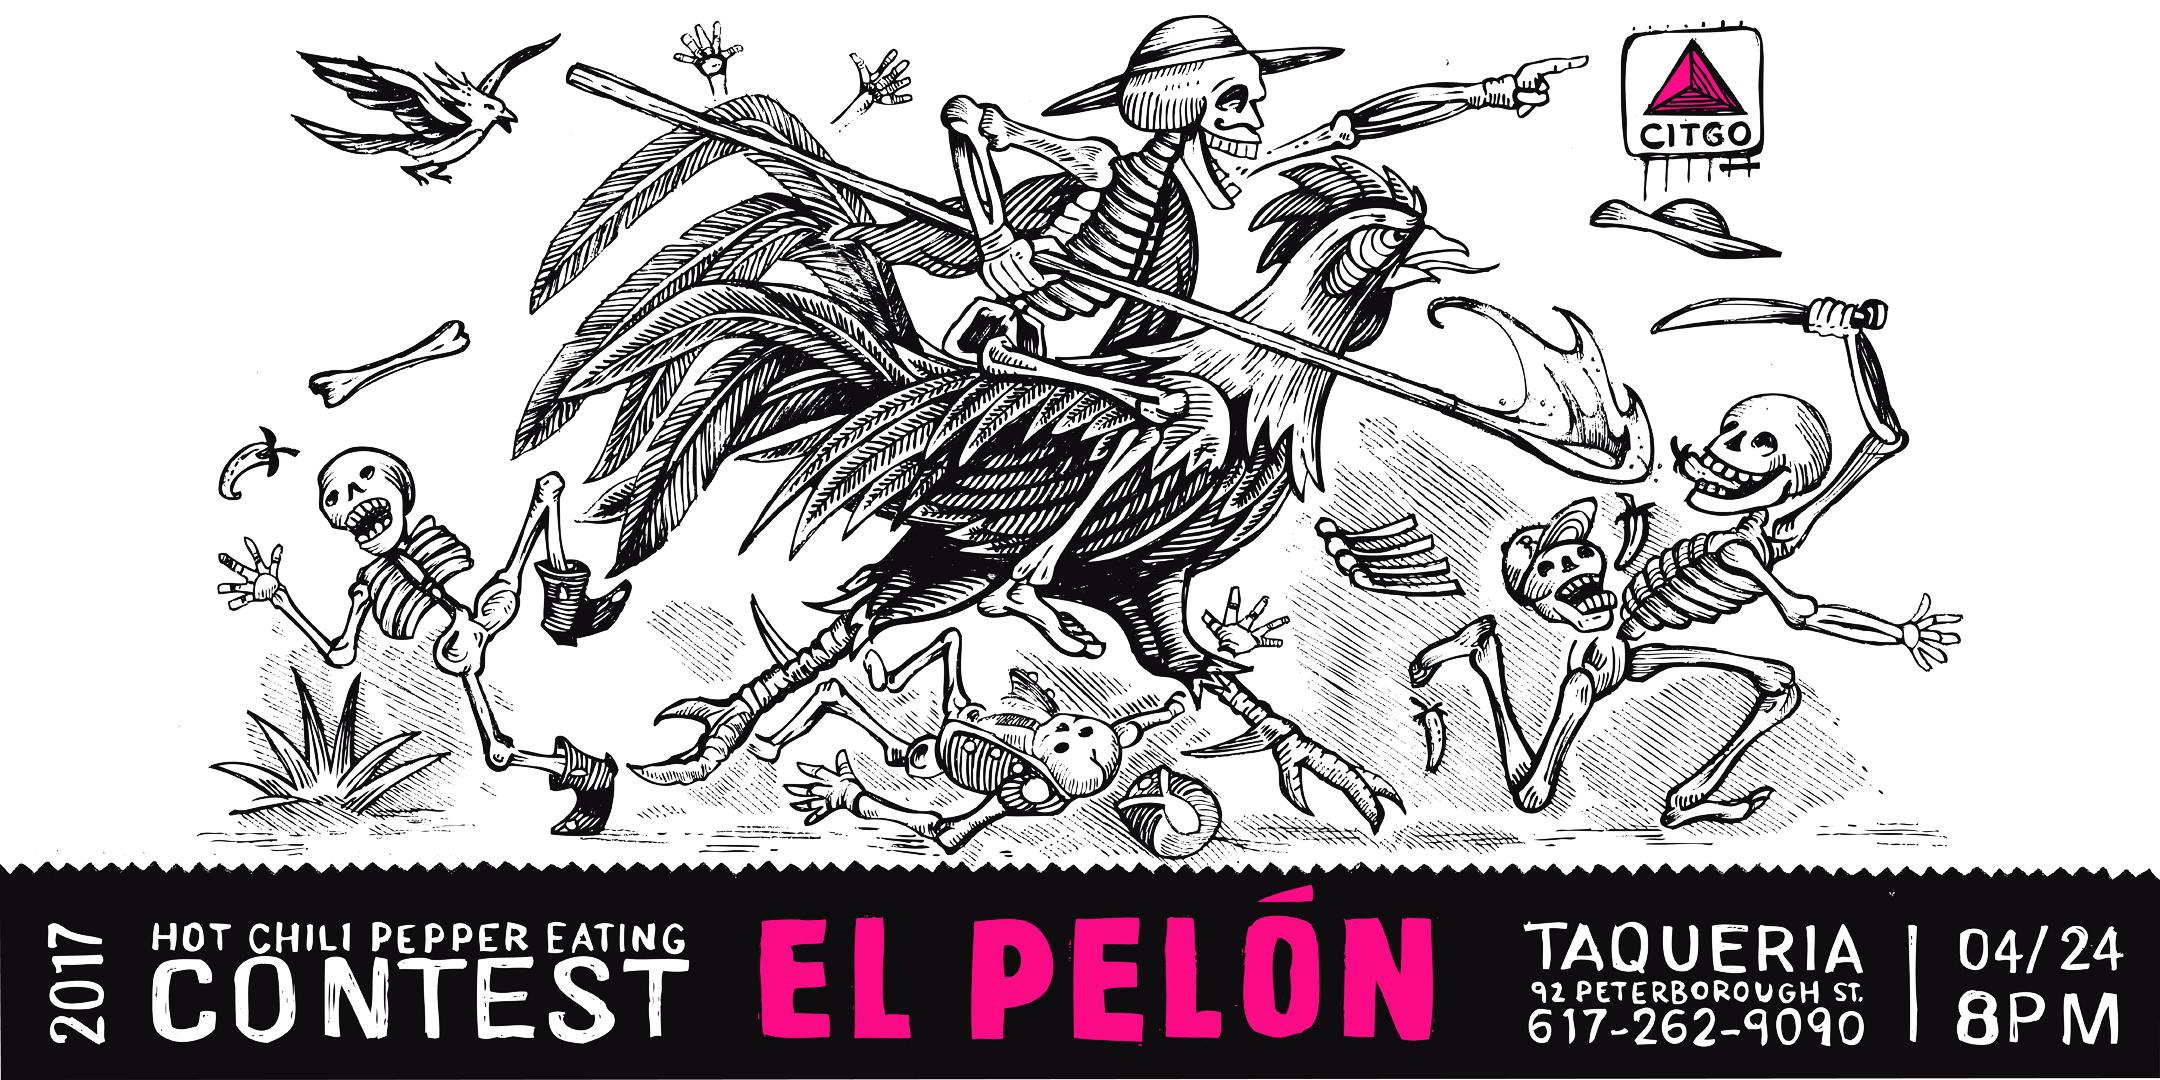 El Pelon Pepper Contest 2017